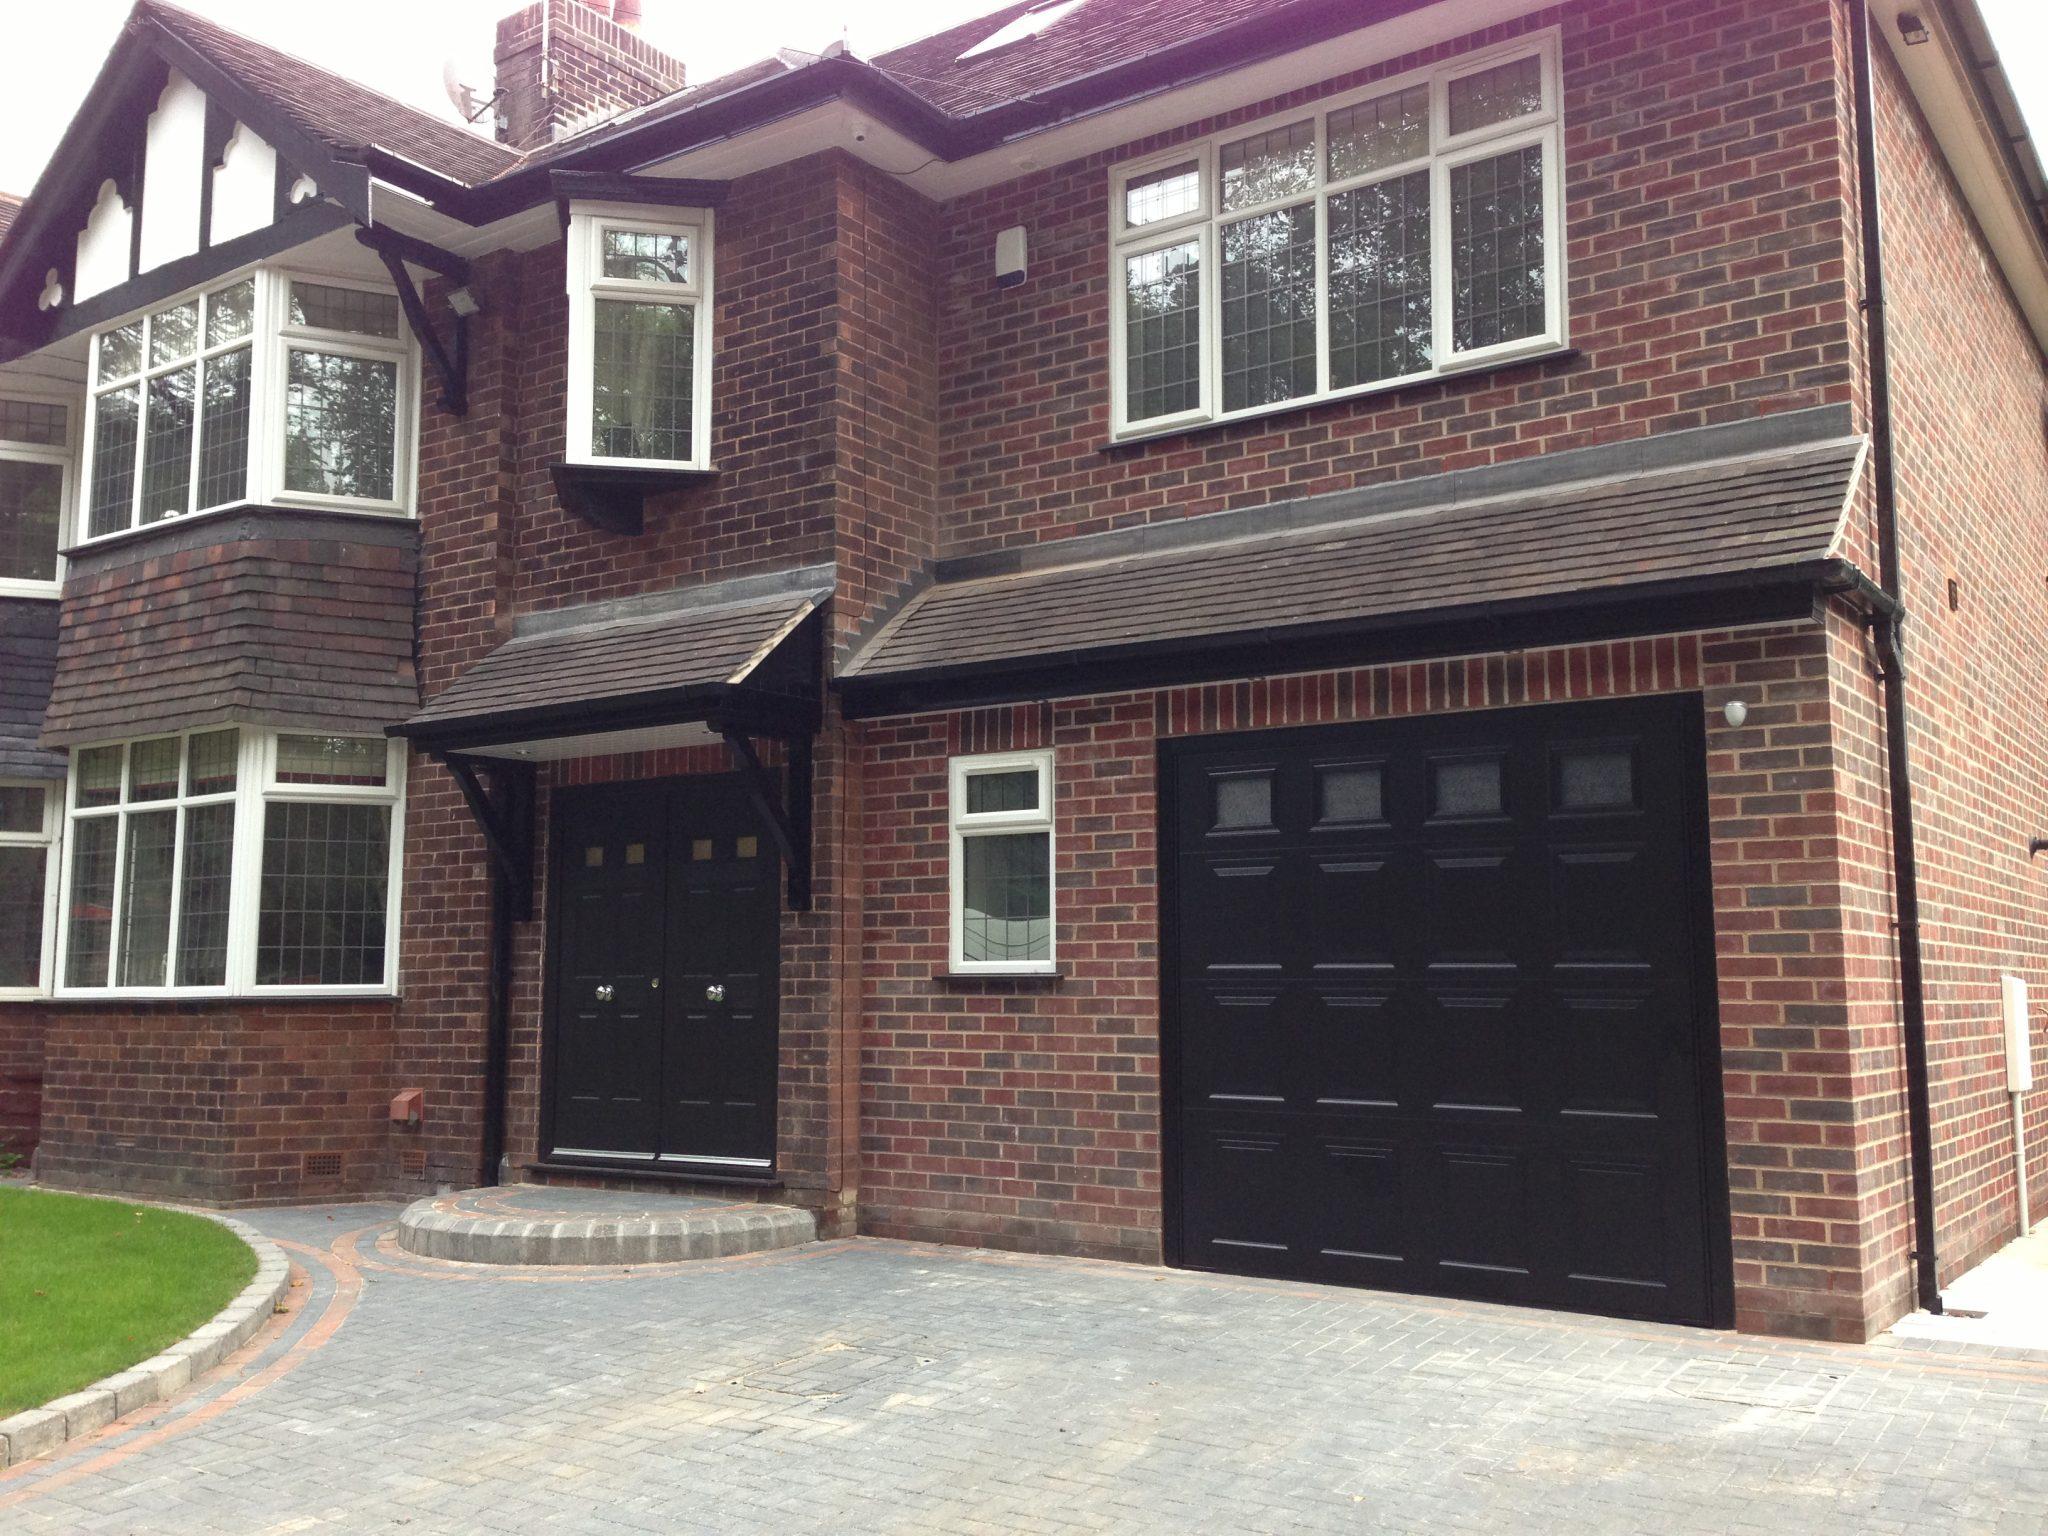 1536 #8B6040 Garage Doors In Stockport CBL Garage Doors save image Dark Garage Doors 36572048